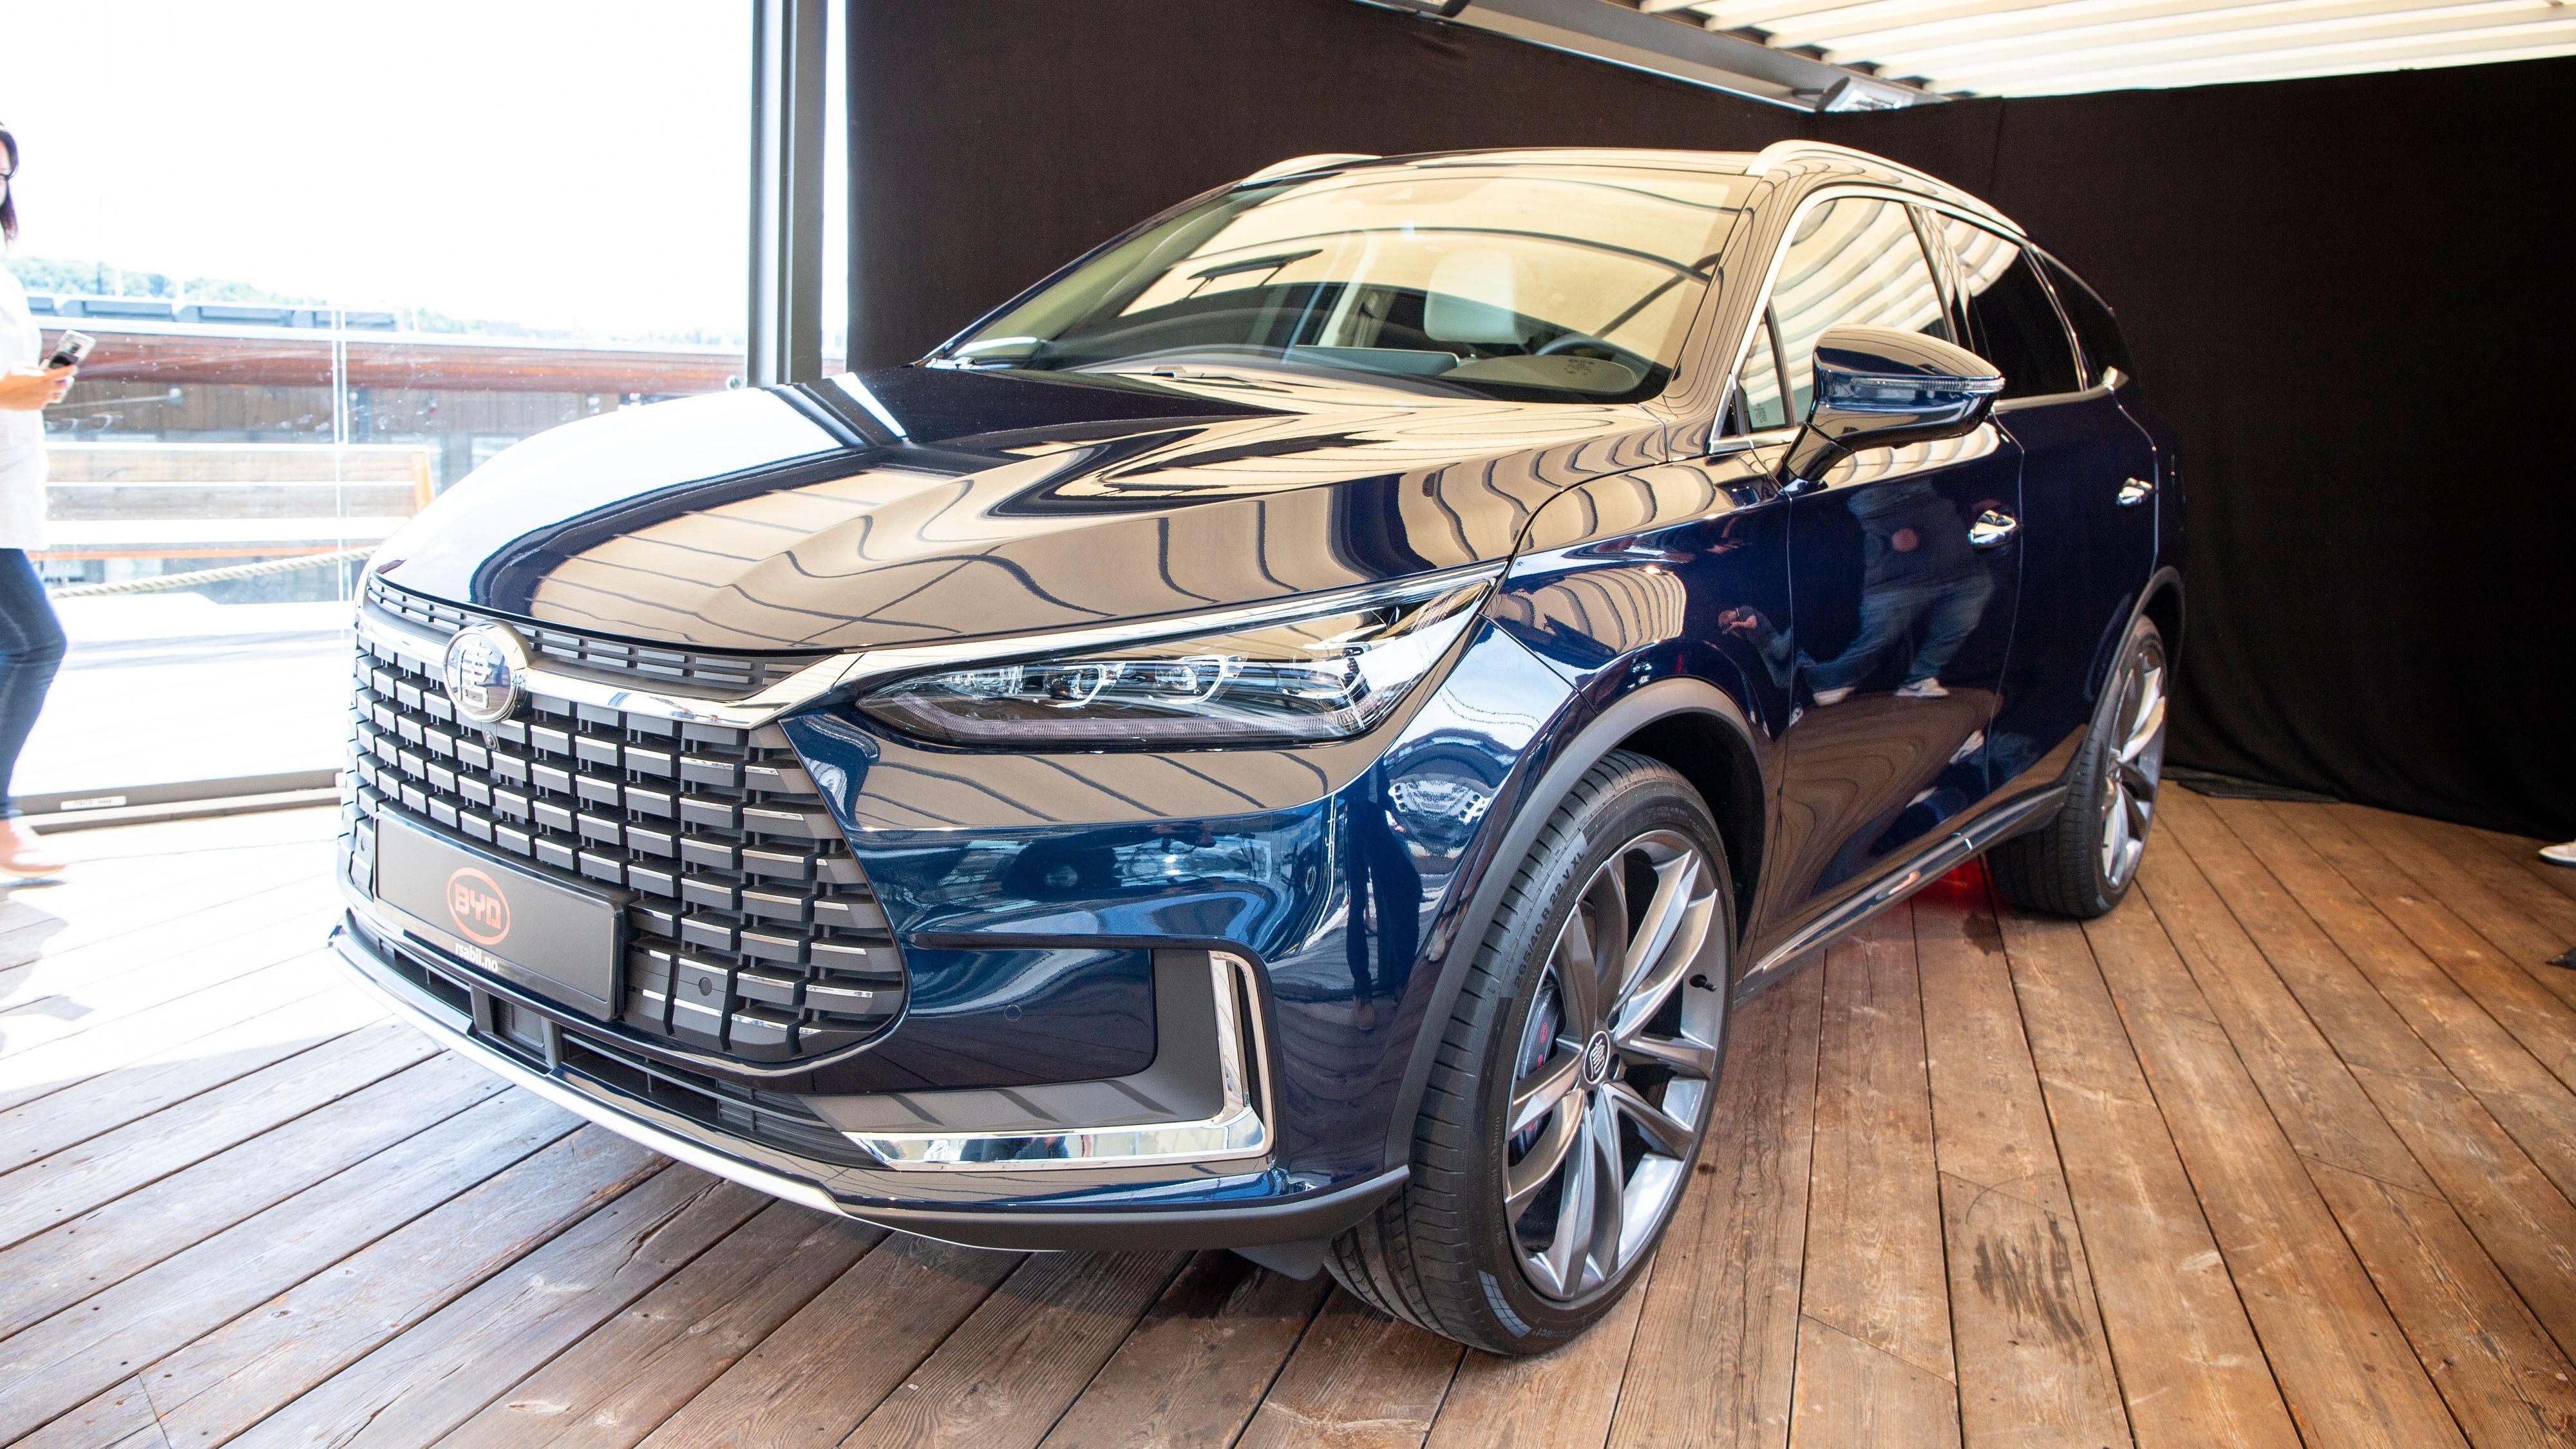 Nå er prisen på BYDs svære el-SUV klar